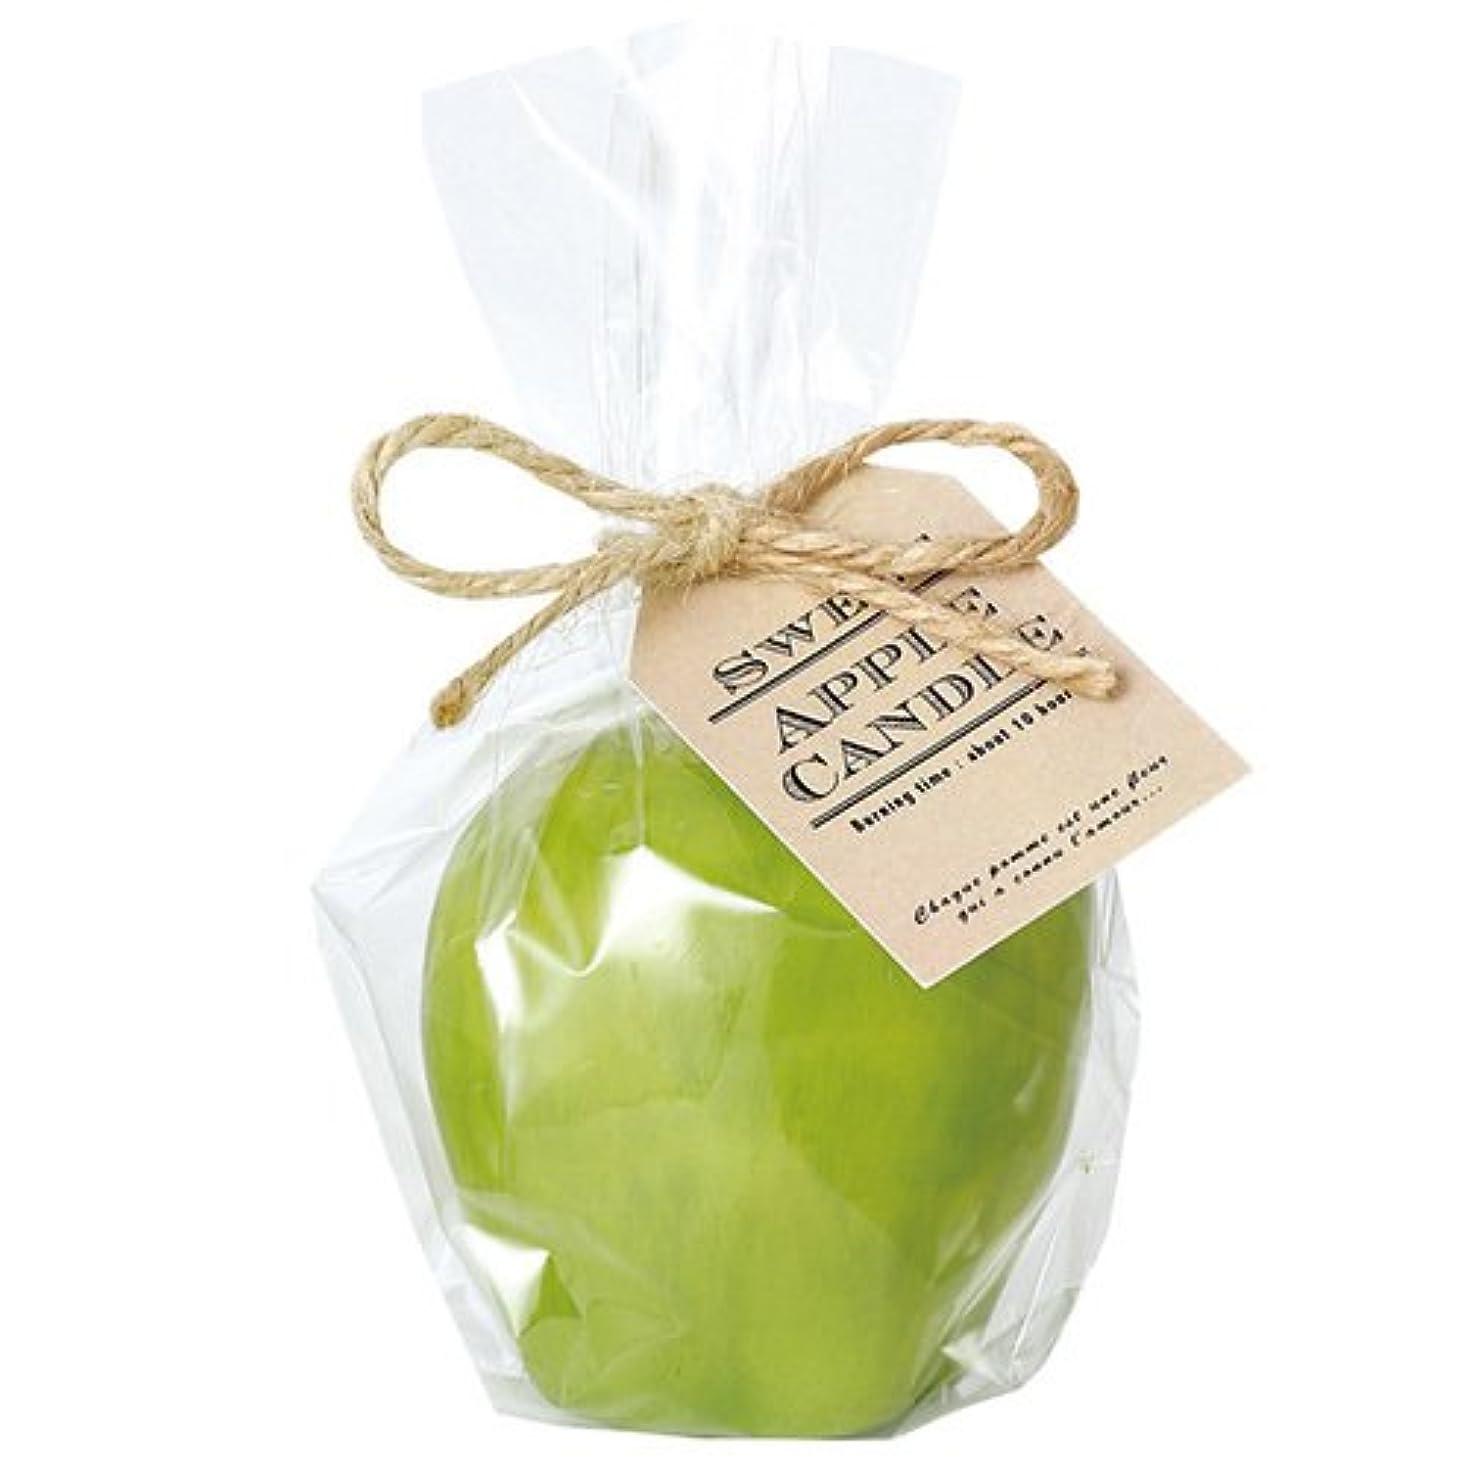 チョーク暗殺者コースカメヤマキャンドルハウス スイートアップルキャンドル グリーン アップルの香りつき